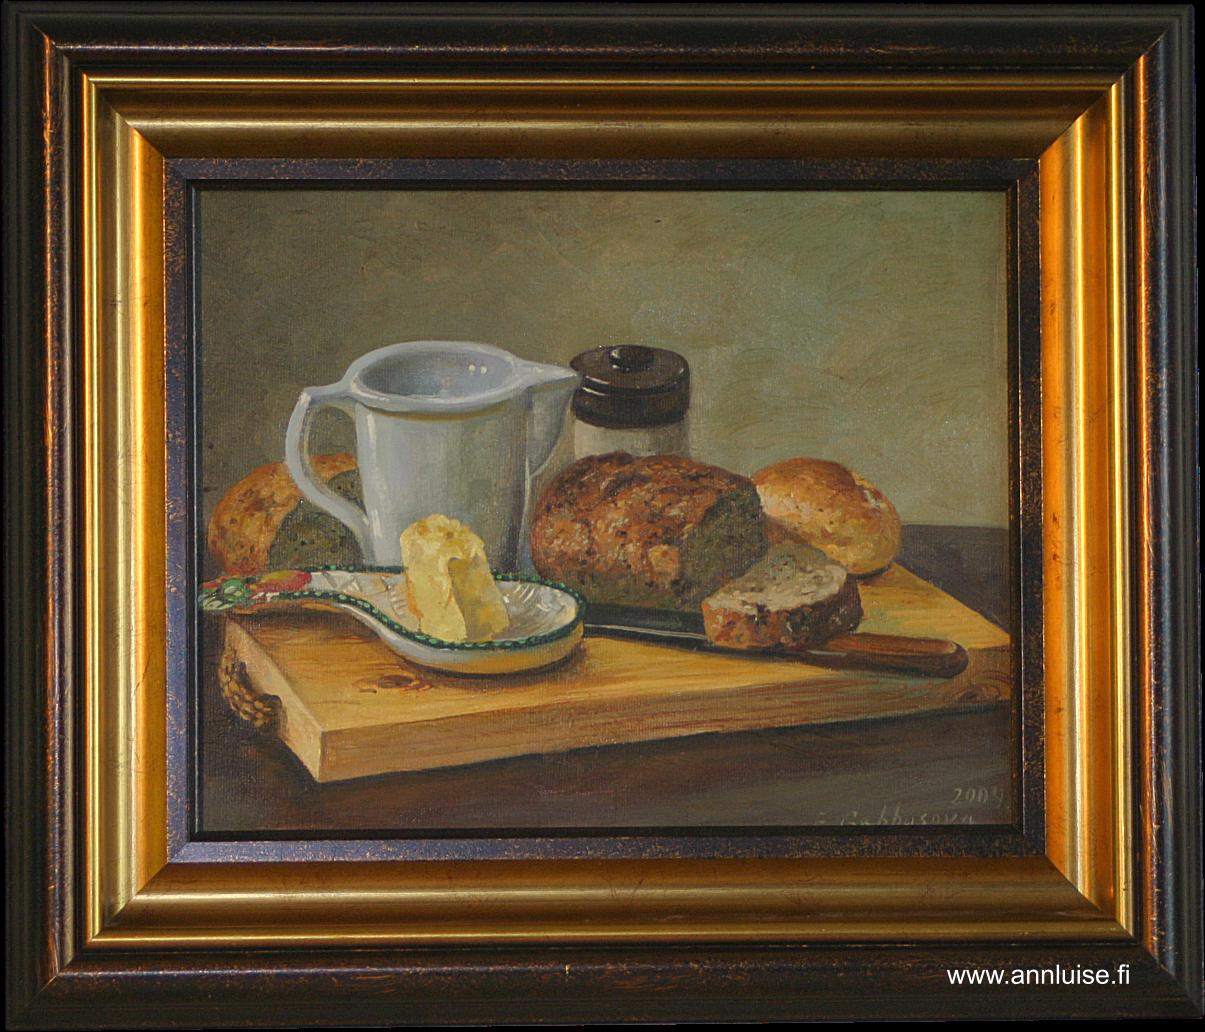 Annluise: Aamiainen